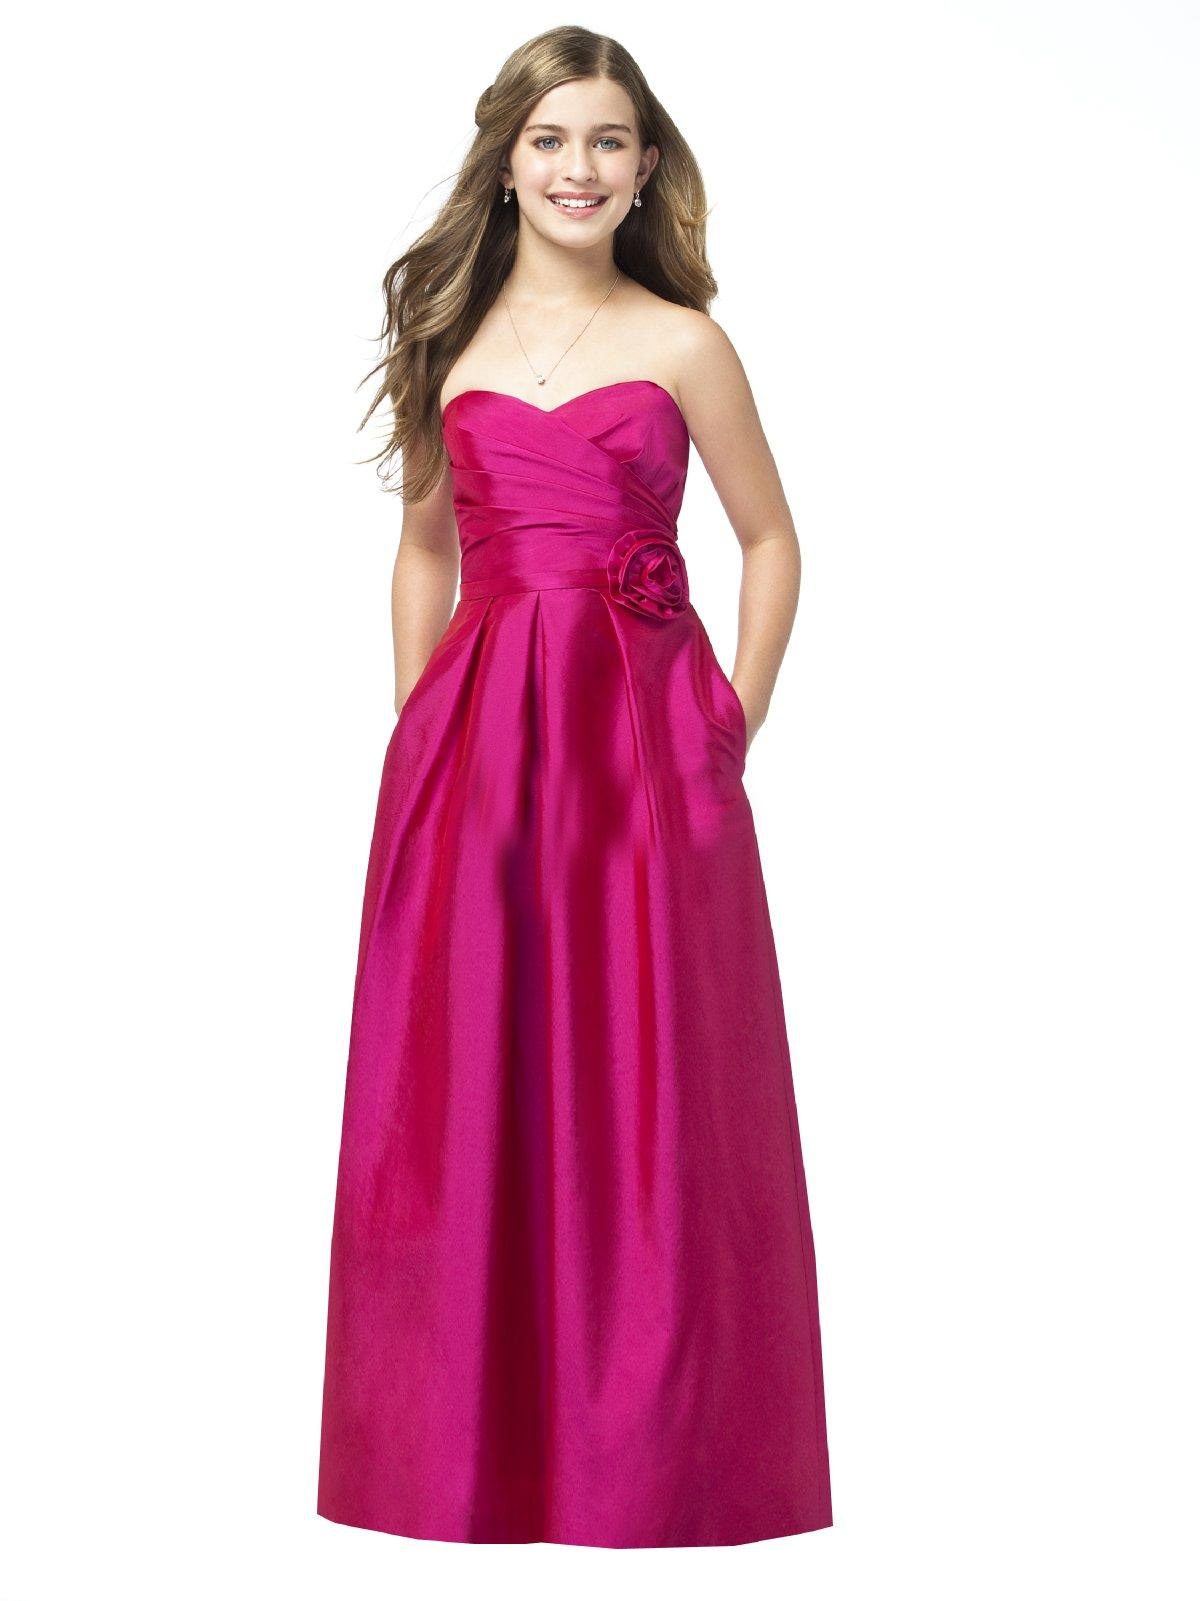 neptuneaett - semi formal dresses for juniors under 100